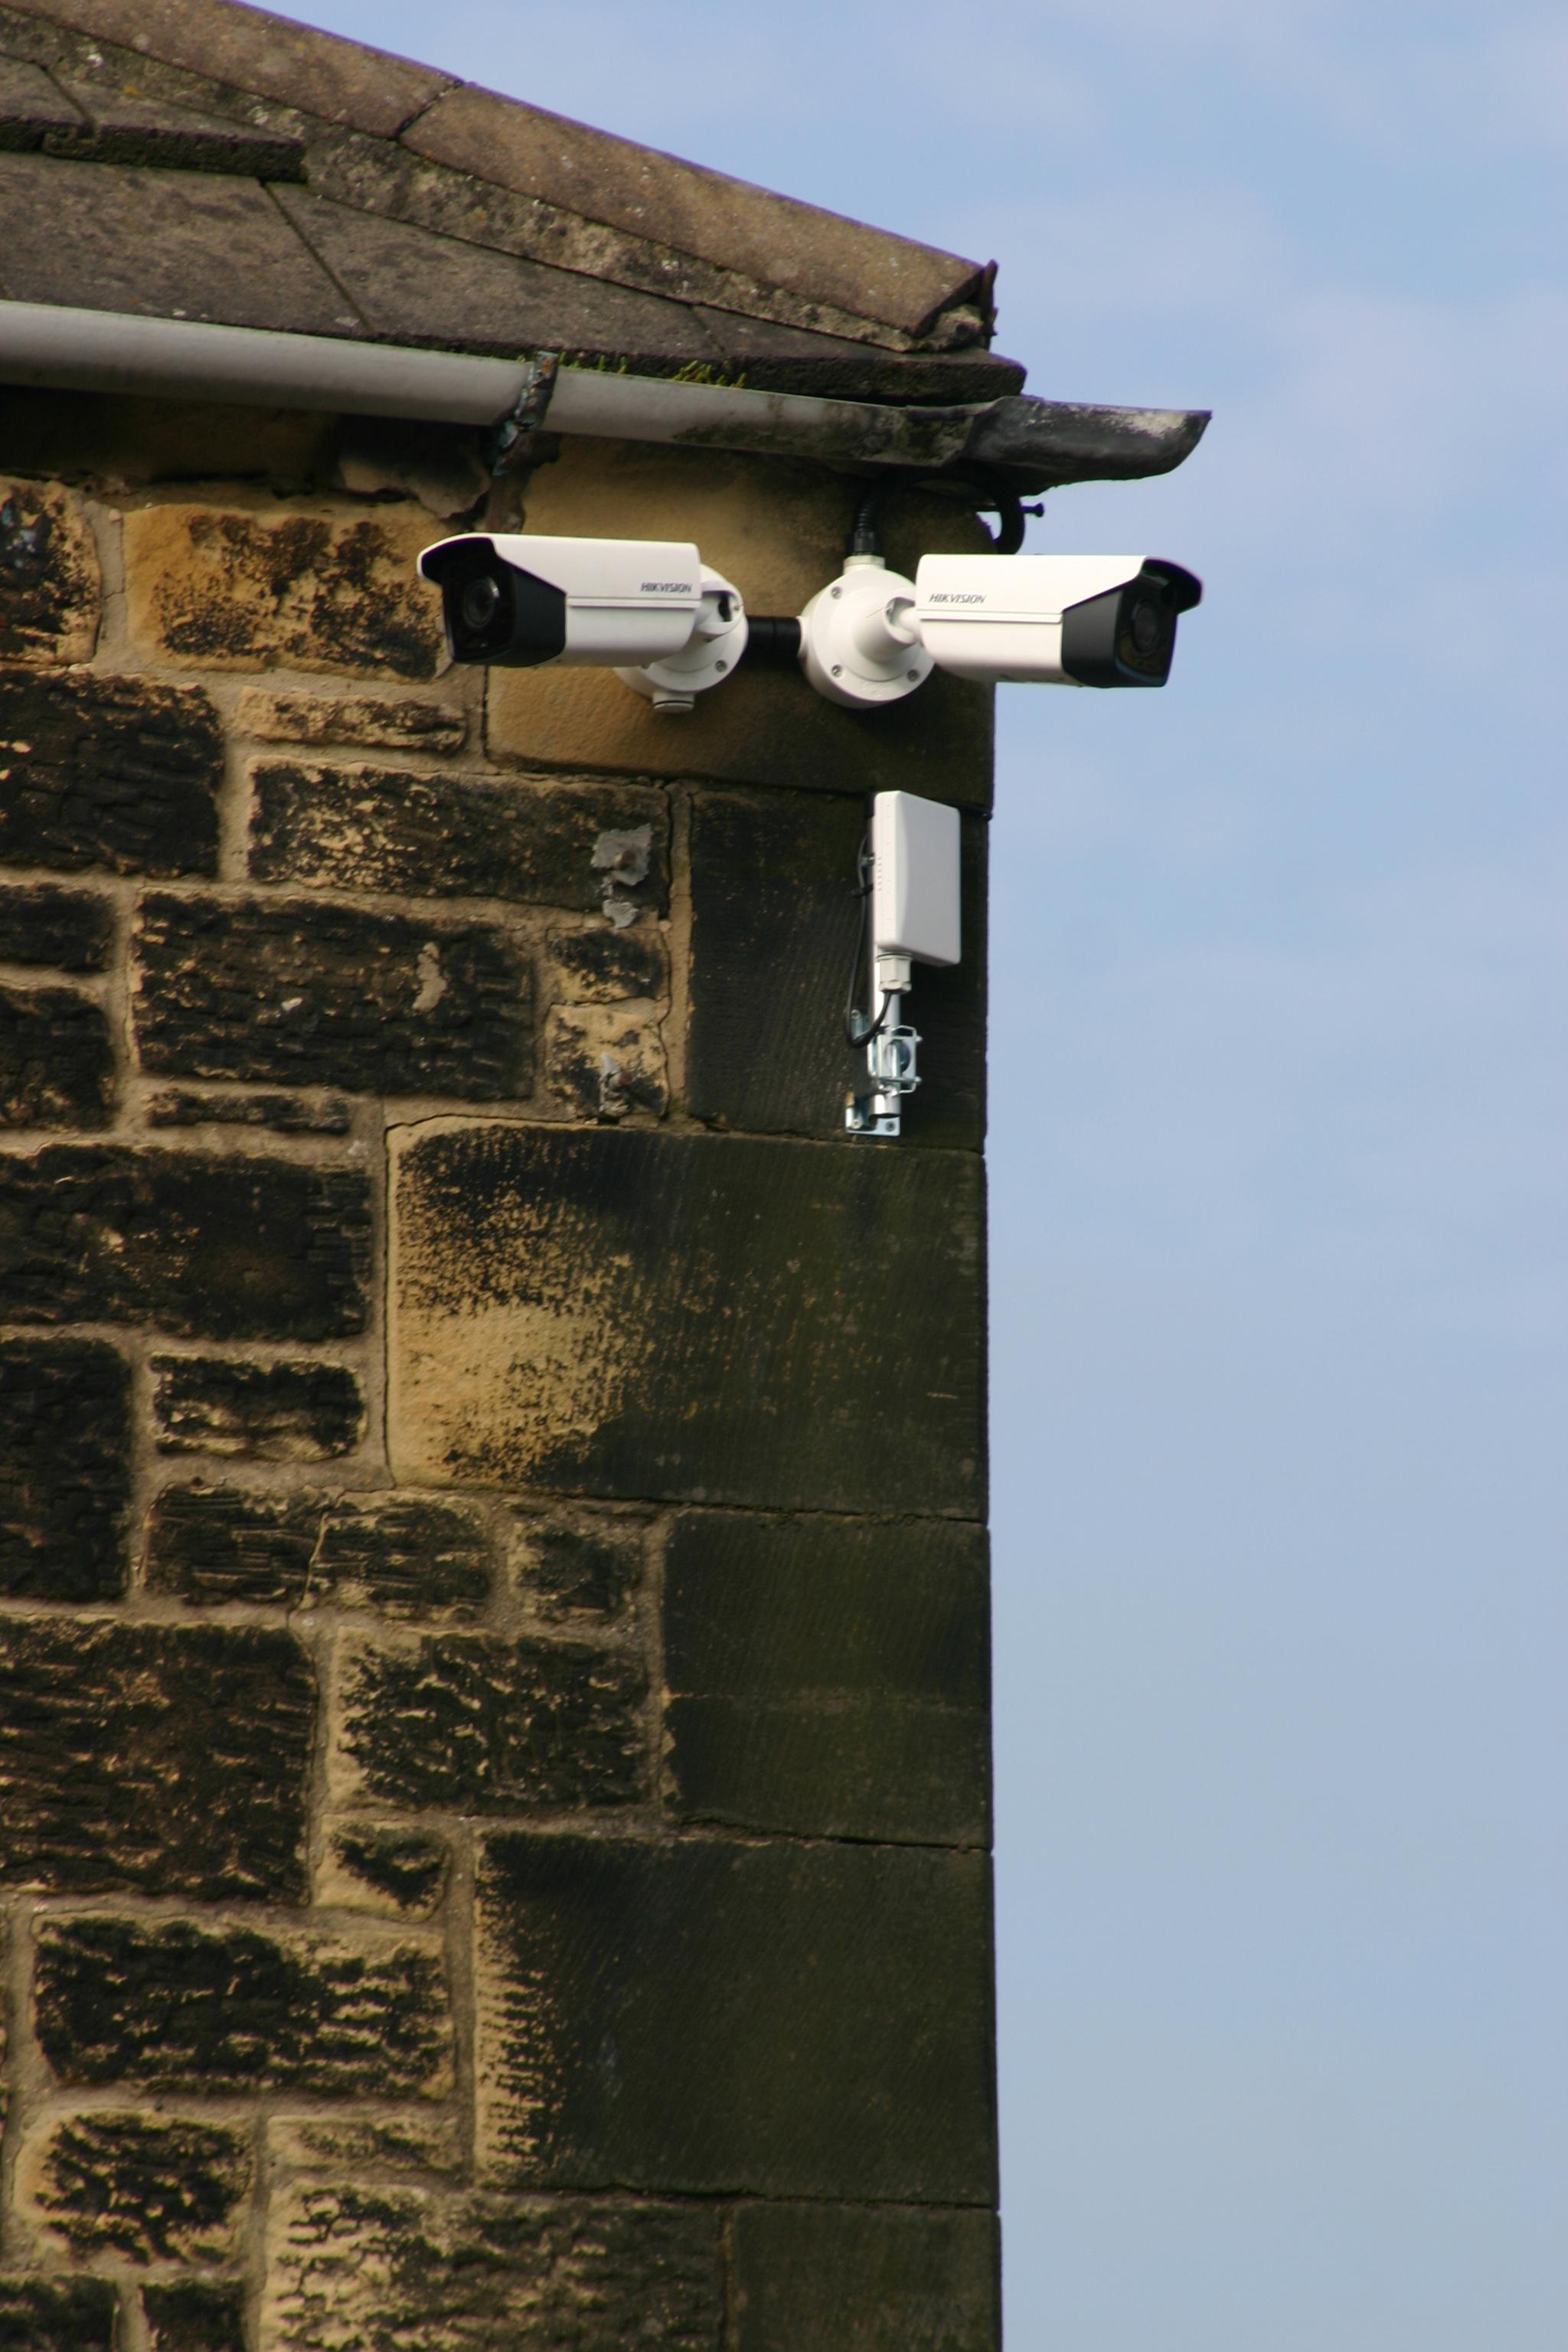 CCTV on corner